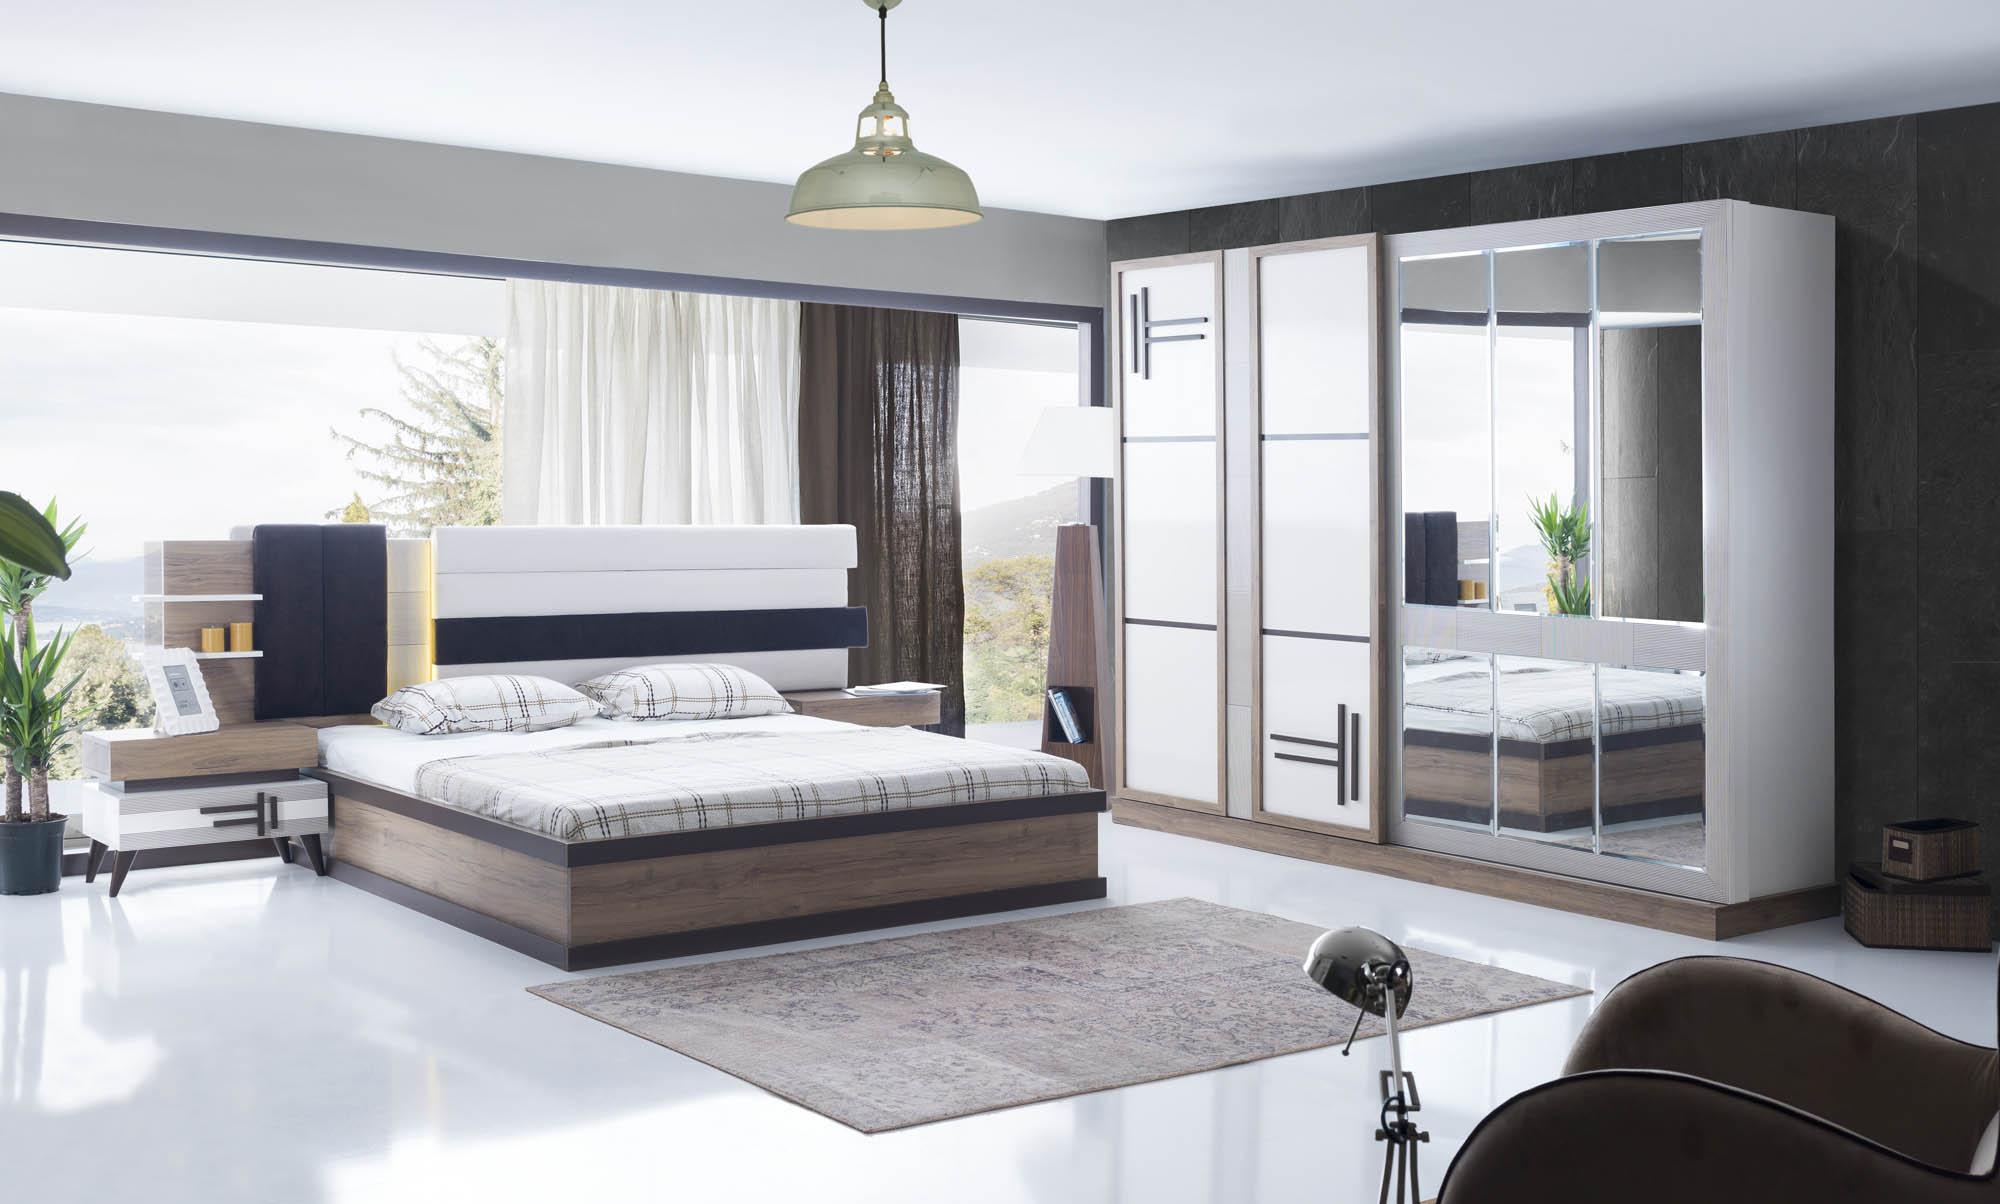 Stell Art Bedroom